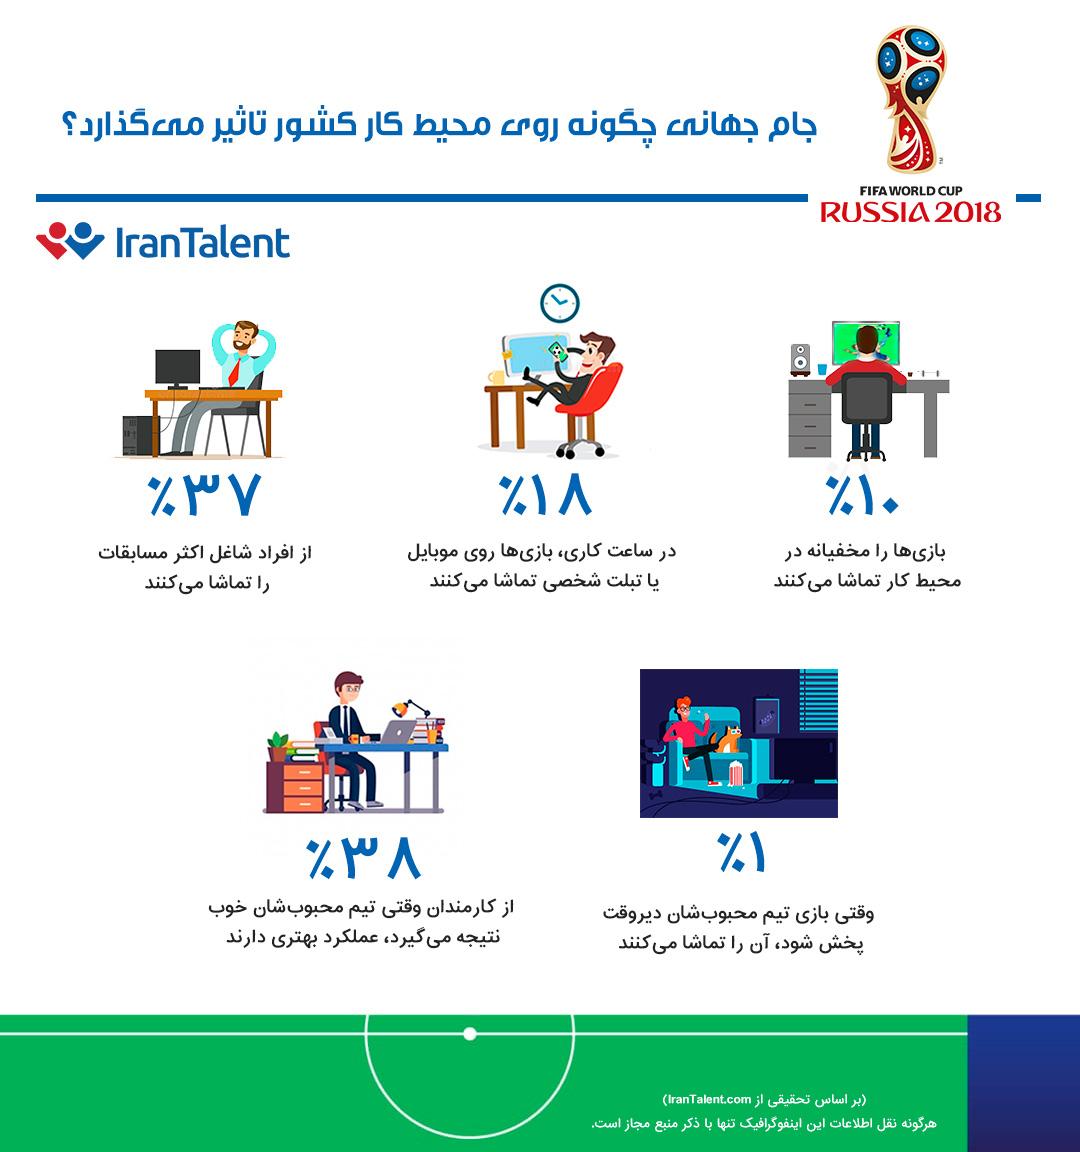 جام جهانی چگونه روی محیط کار تاثیر میگذارد؟